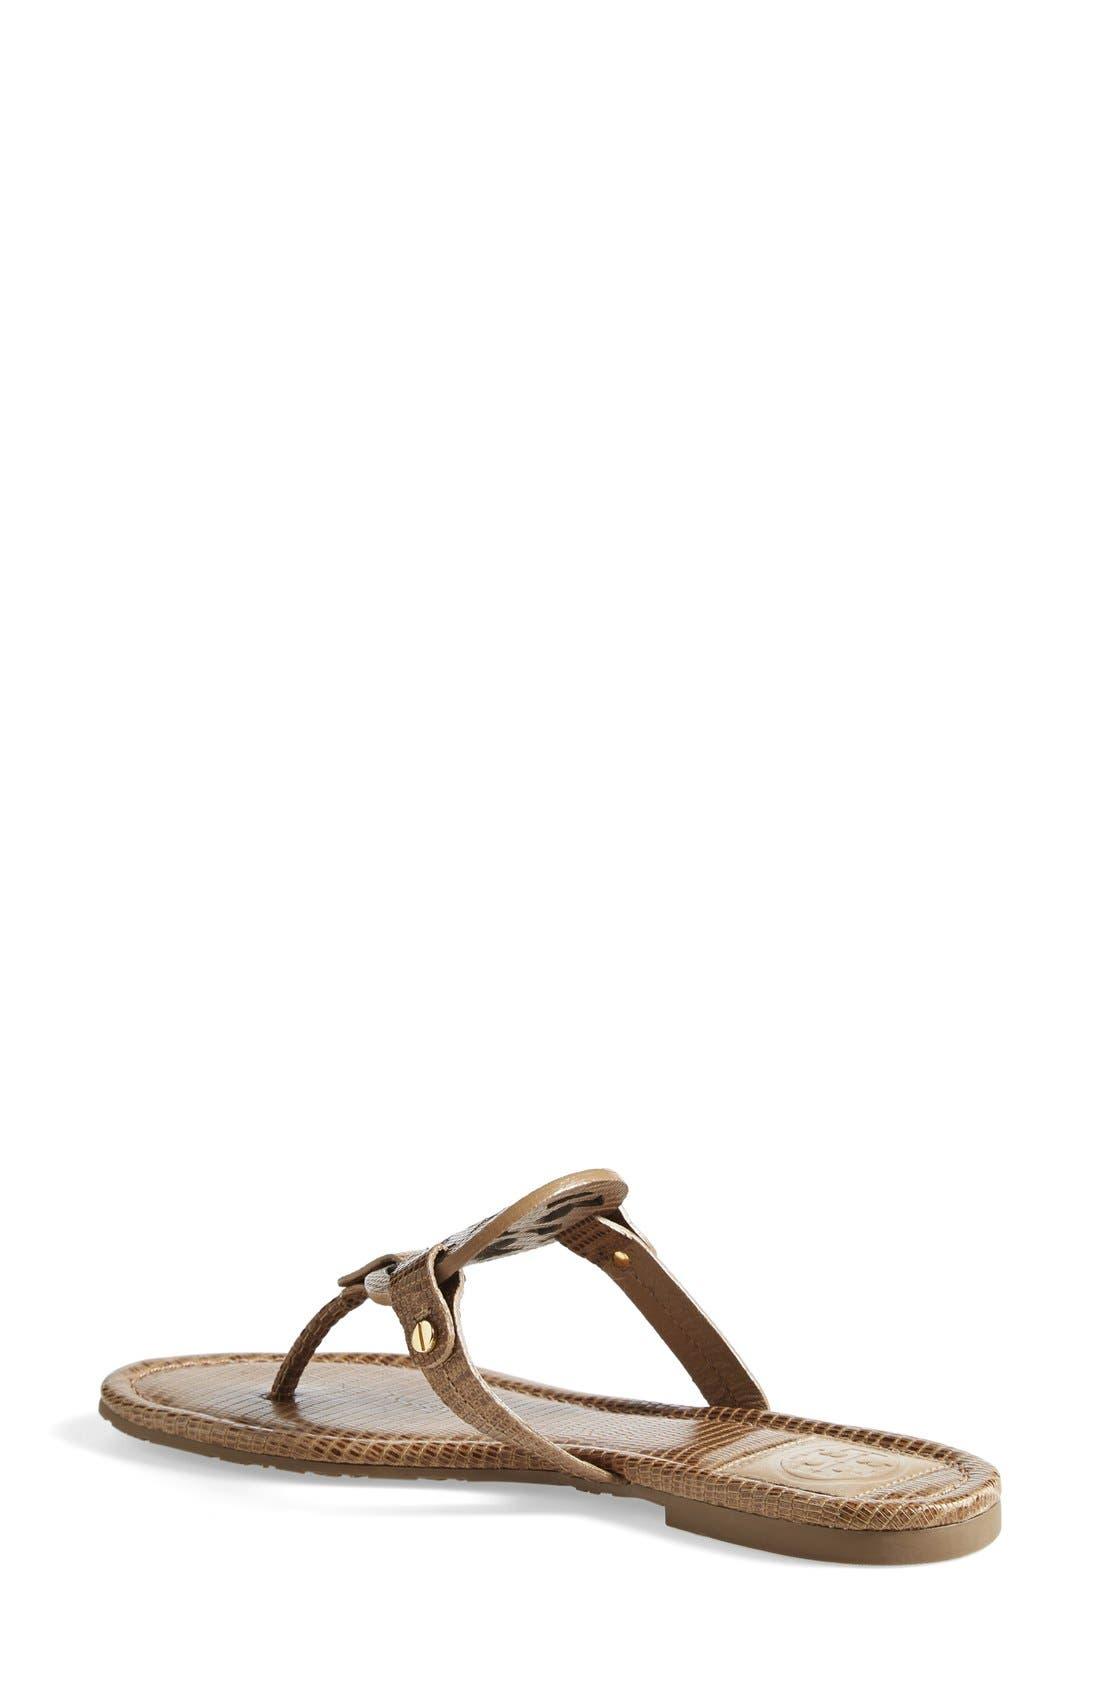 Alternate Image 2  - Tory Burch 'Miller' Sandal